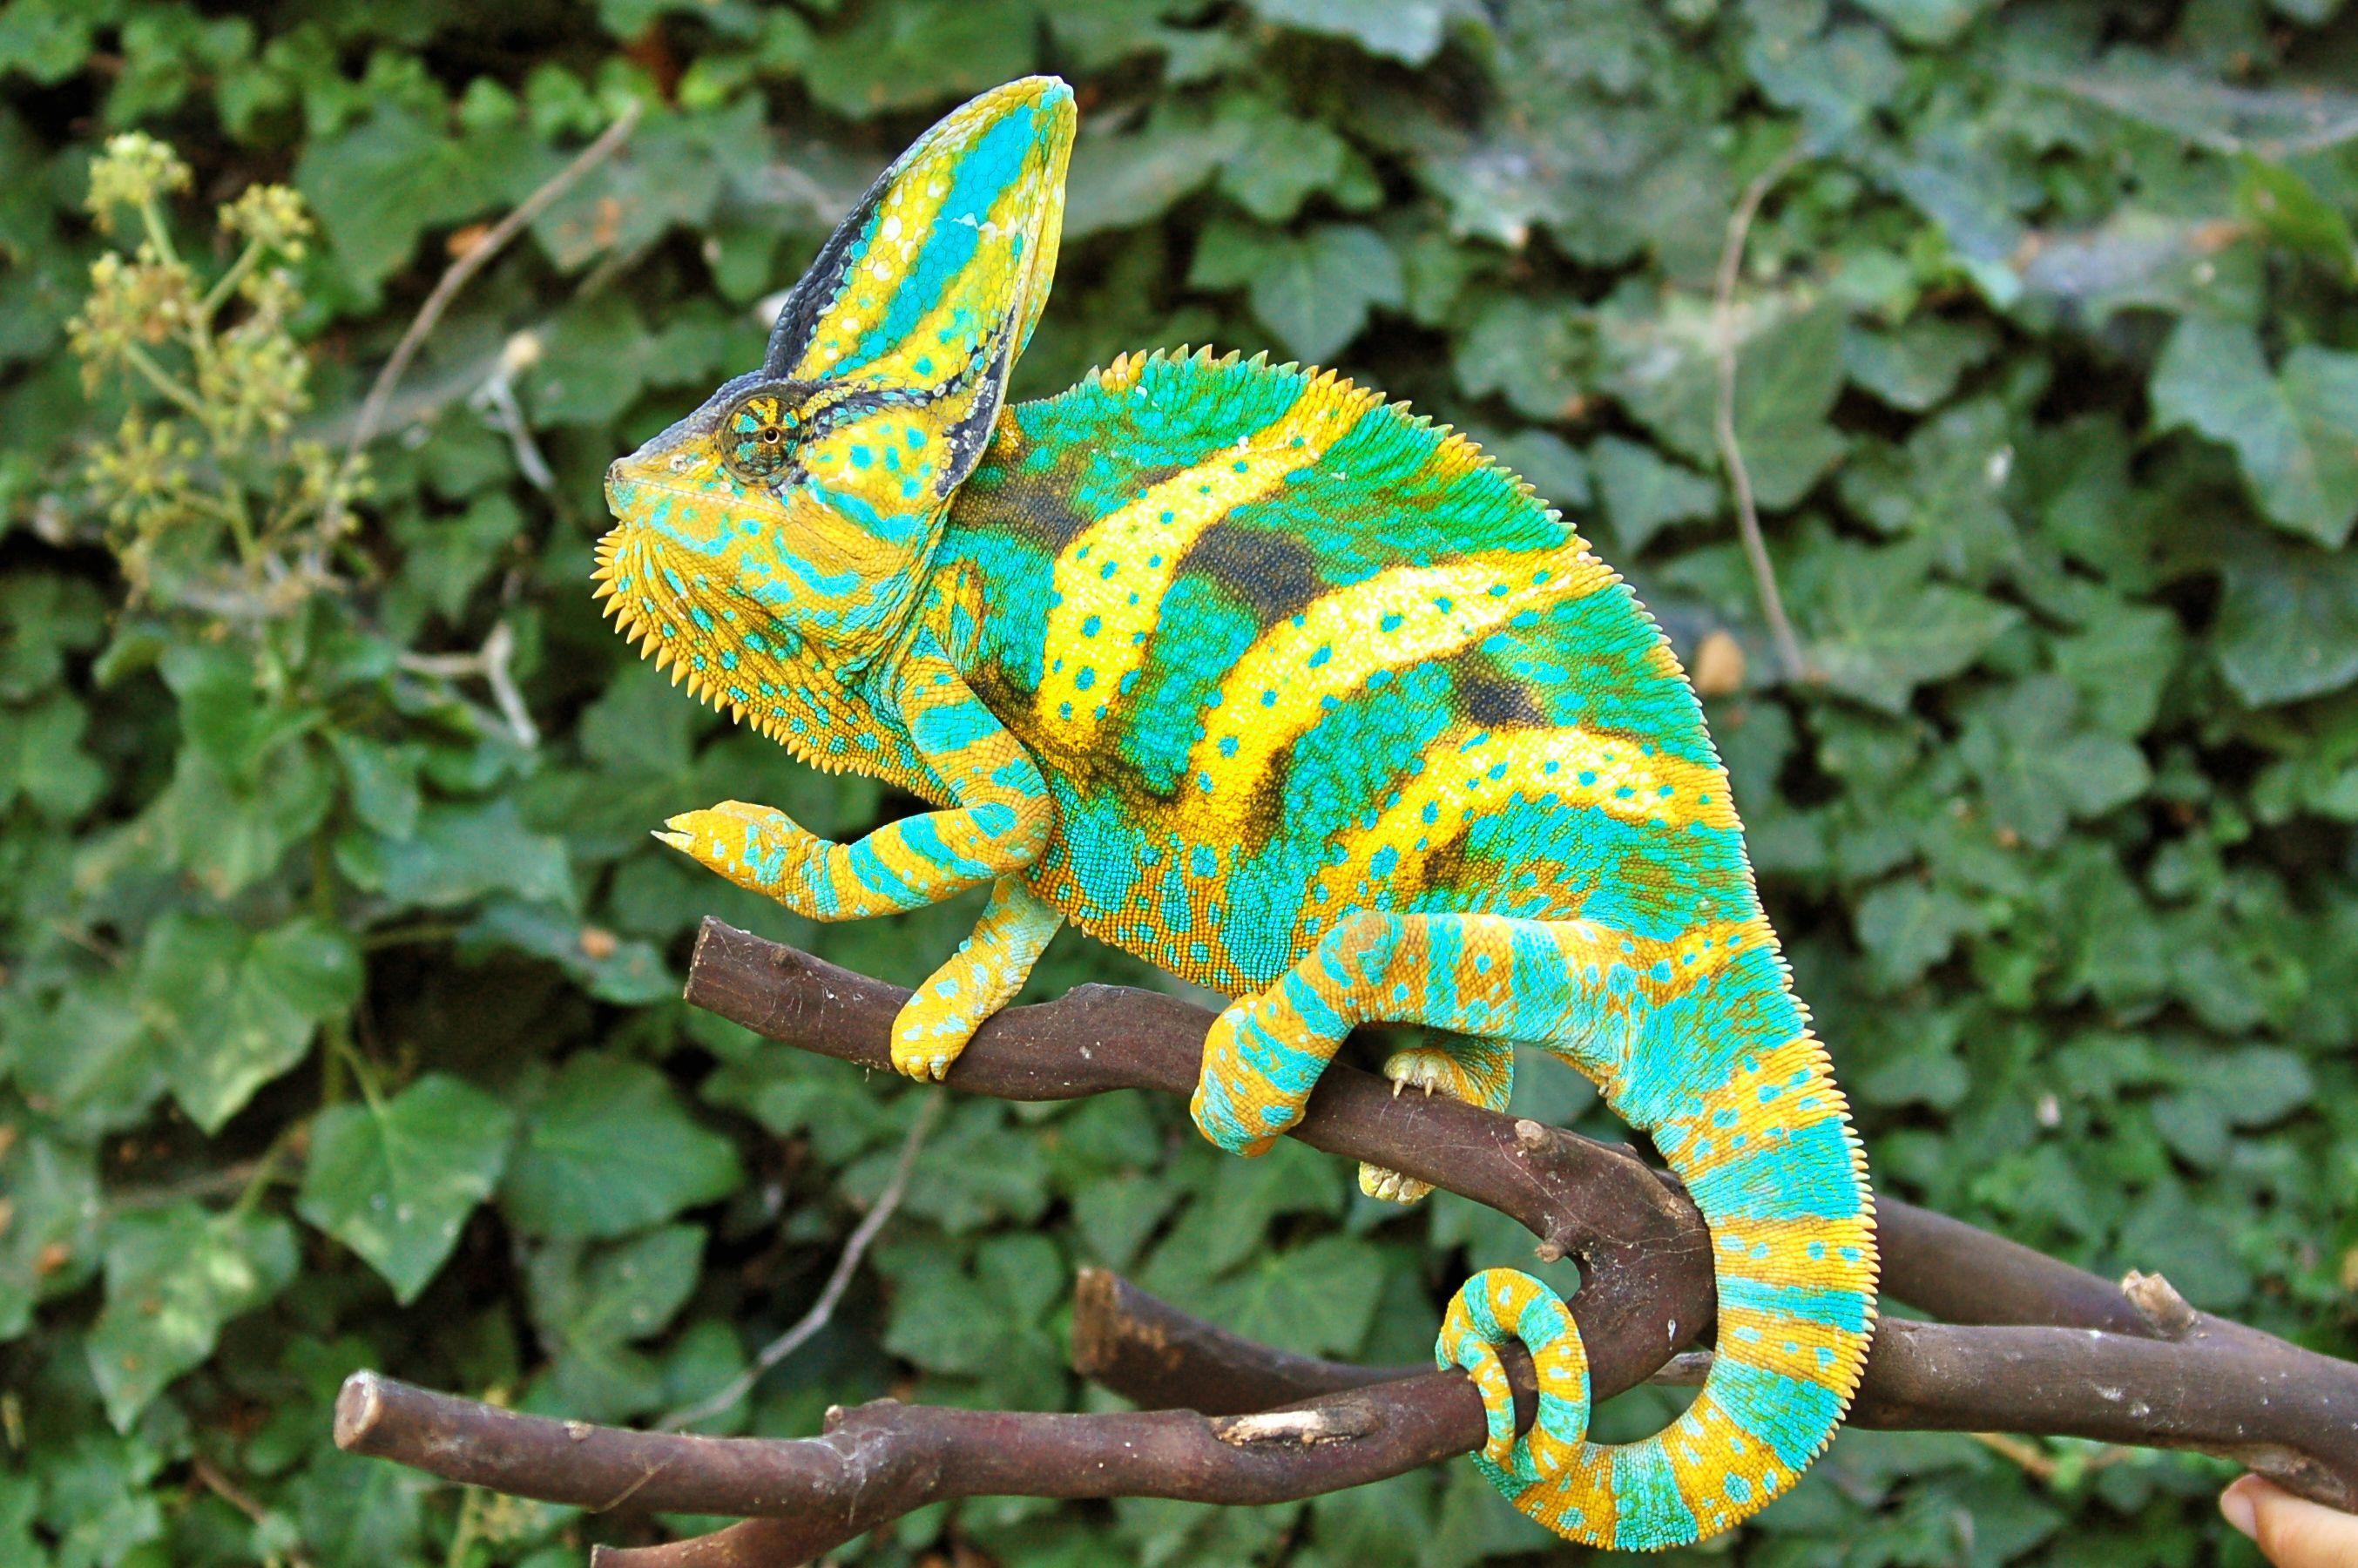 Kingsnake Com Classifieds Premium Baby Veiled Chameleons